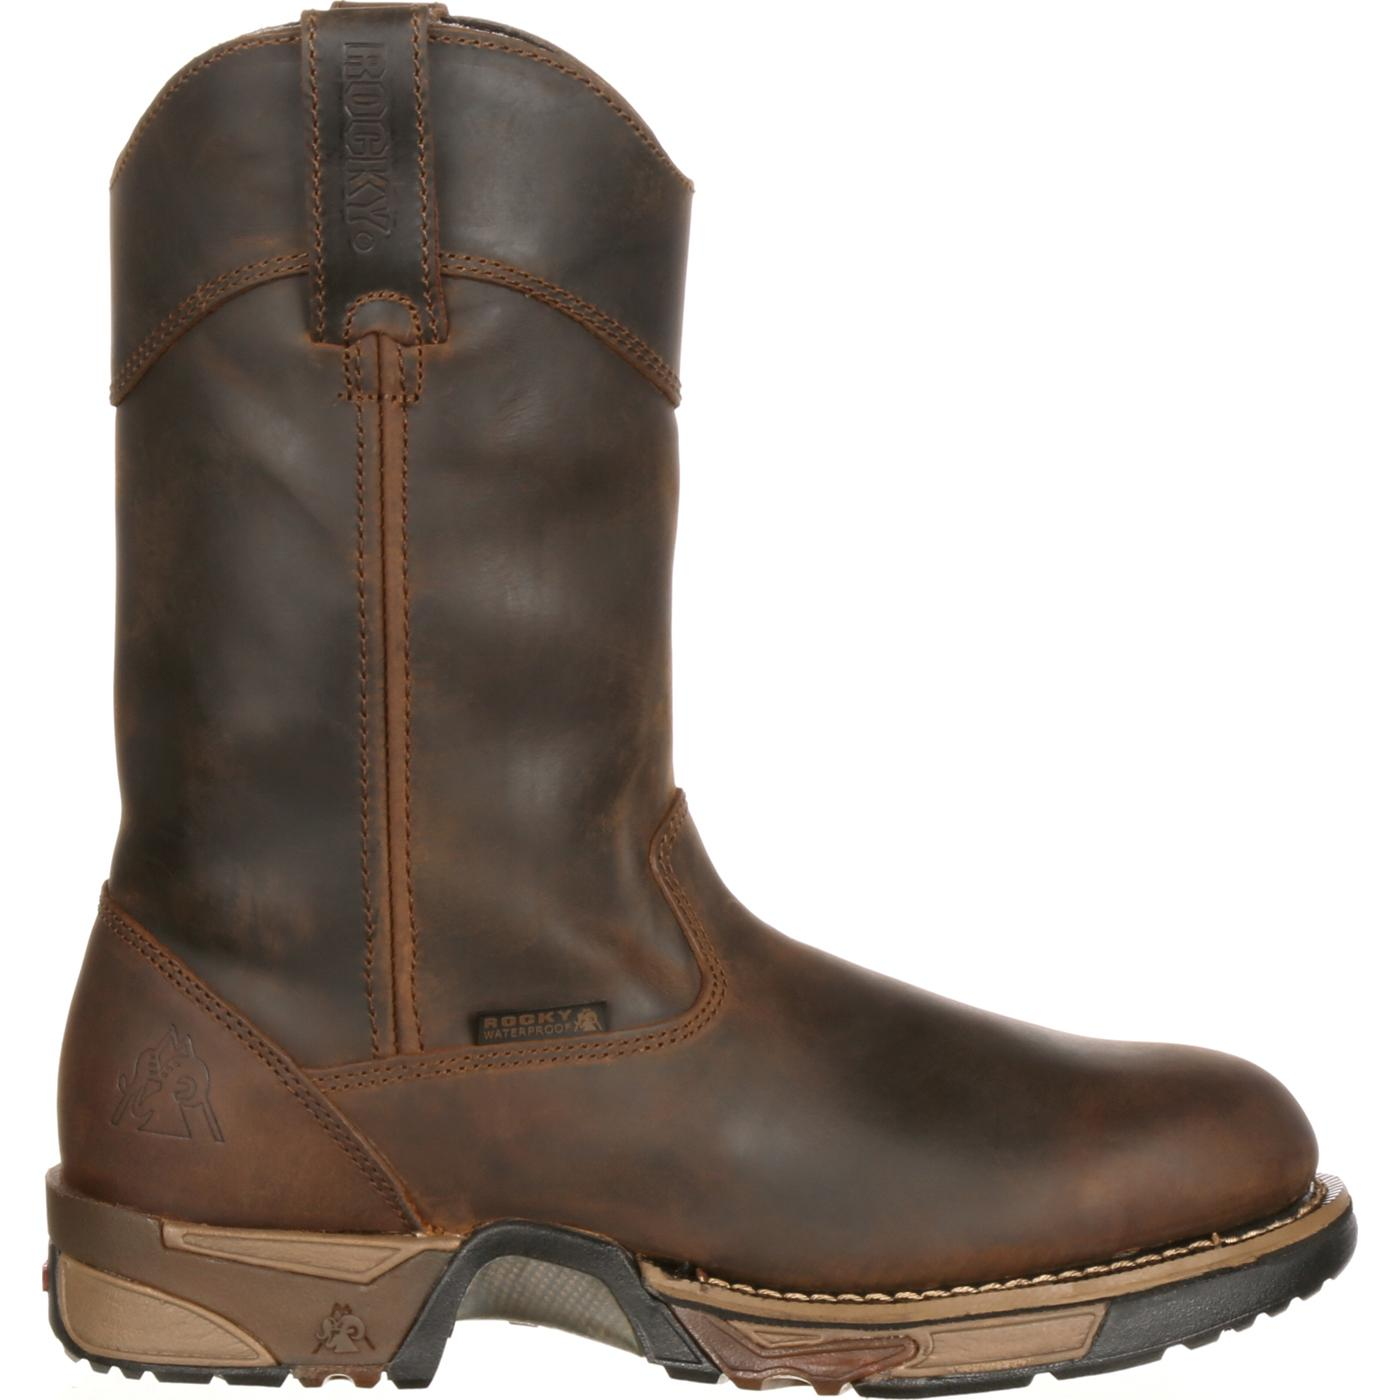 26b2be6204b Rocky Steel Toe Waterproof Wellington Work Boot